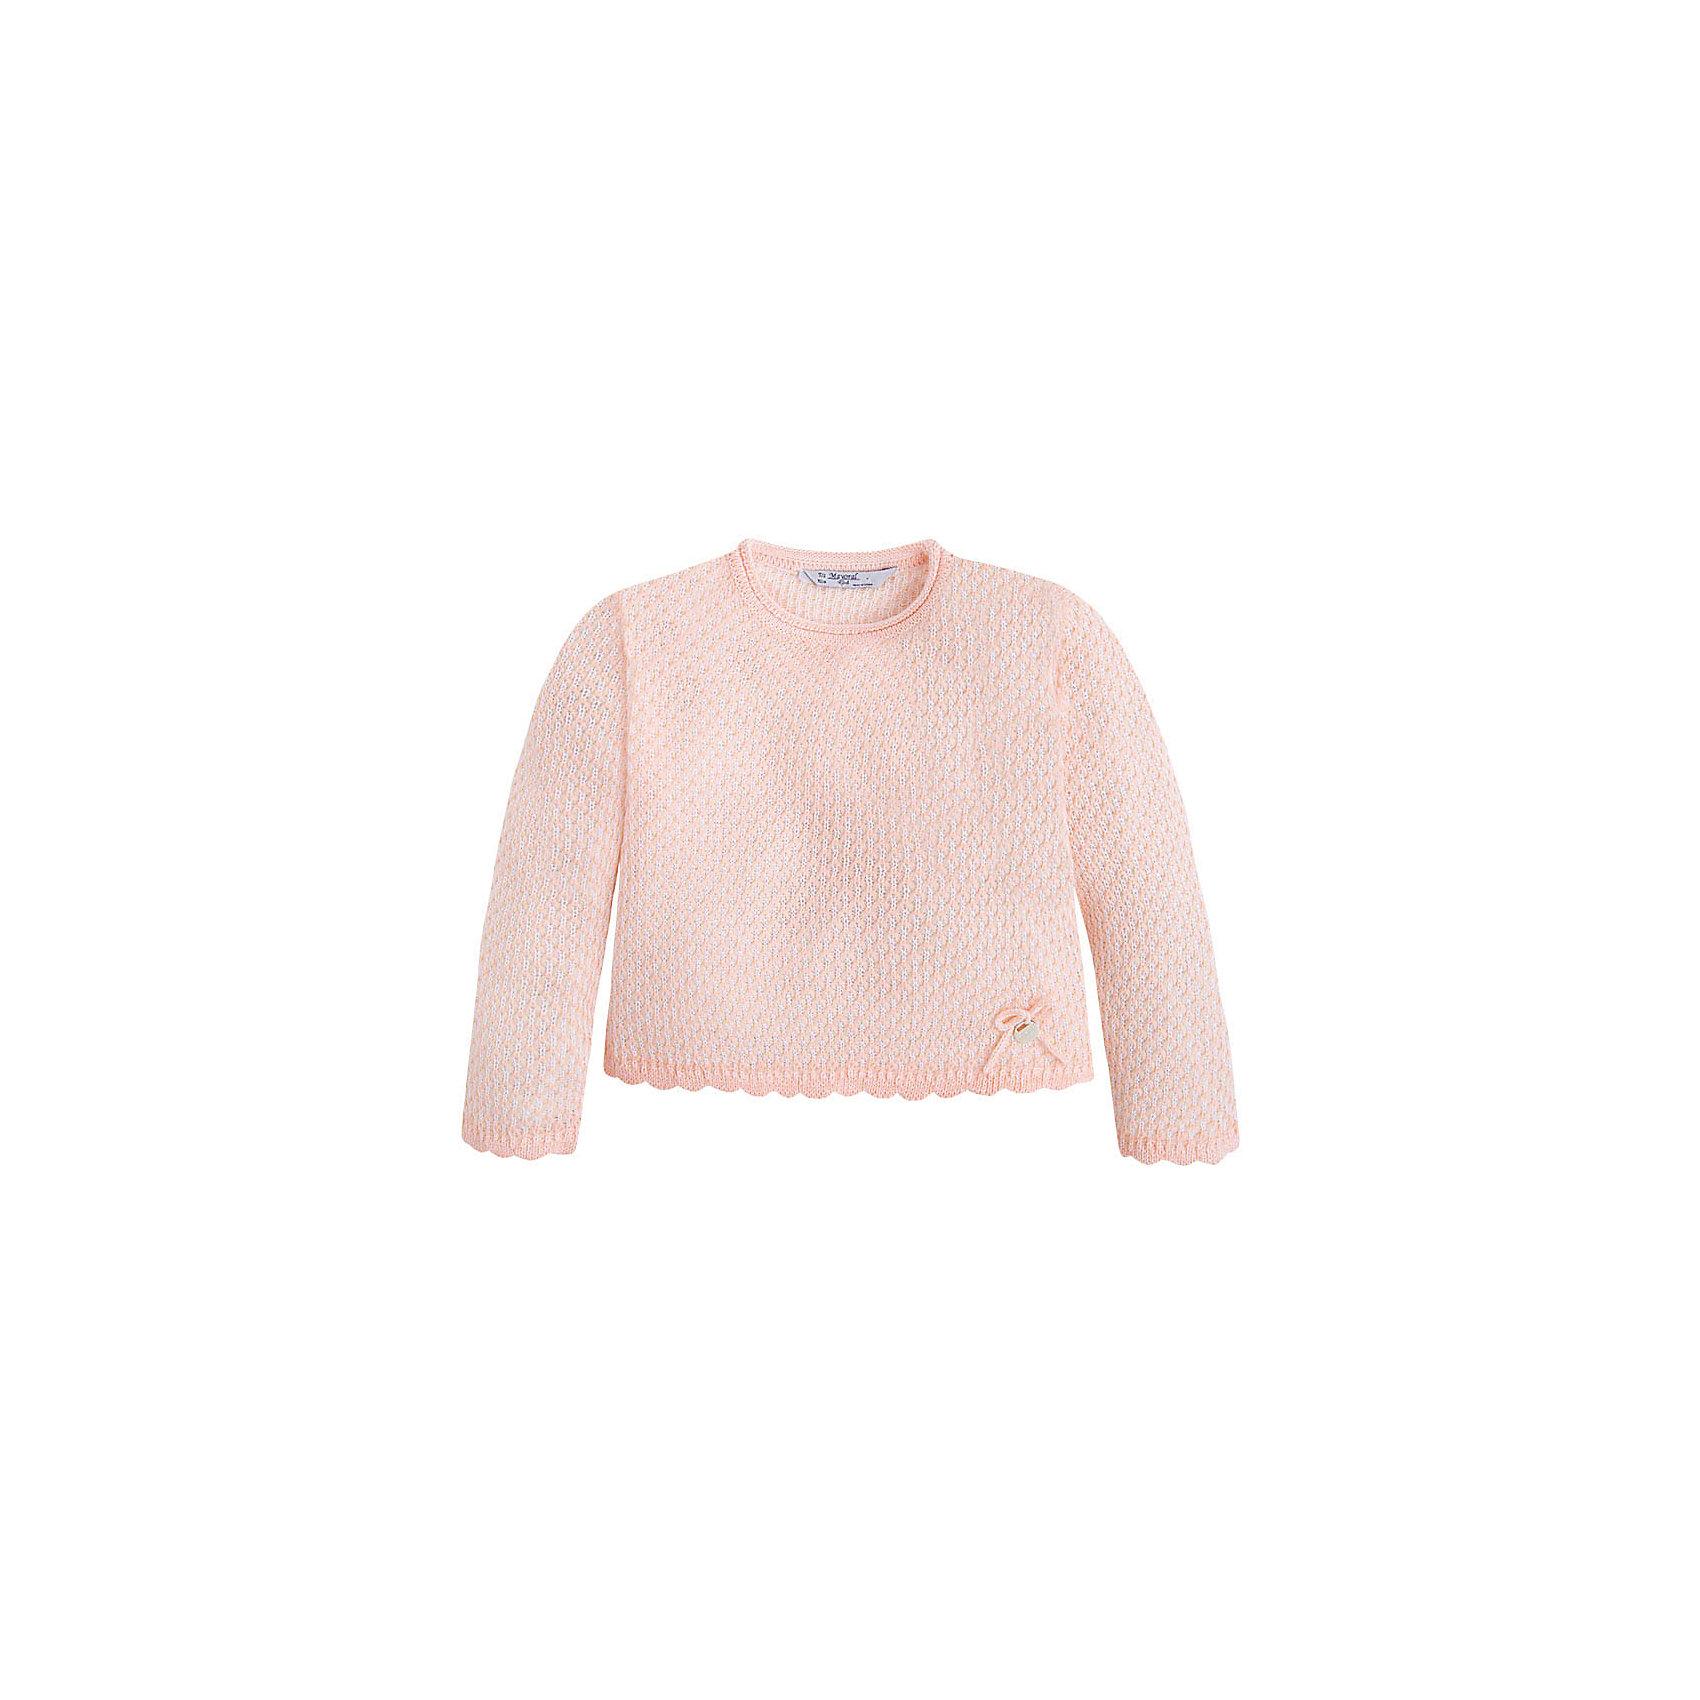 Свитер для девочки MayoralСвитера и кардиганы<br>Свитер для девочки от известной испанской марки Mayoral <br><br>Модный свитер от Mayoral актуален в прохладную погоду. Он прекрасно сочетается с различным низом.  Модель выполнена из качественных материалов, отлично садится по фигуре.<br><br>Особенности модели:<br><br>- цвет: розовый;<br>- рукава длинные;<br>- круглый горловой вырез;<br>- отделка низа и рукавов.<br><br>Дополнительная информация:<br><br>Состав: 100% акрил<br><br>Свитер для девочки Mayoral (Майорал) можно купить в нашем магазине.<br><br>Ширина мм: 190<br>Глубина мм: 74<br>Высота мм: 229<br>Вес г: 236<br>Цвет: розовый<br>Возраст от месяцев: 96<br>Возраст до месяцев: 108<br>Пол: Женский<br>Возраст: Детский<br>Размер: 134,122,98,116,104,110,128<br>SKU: 4542060